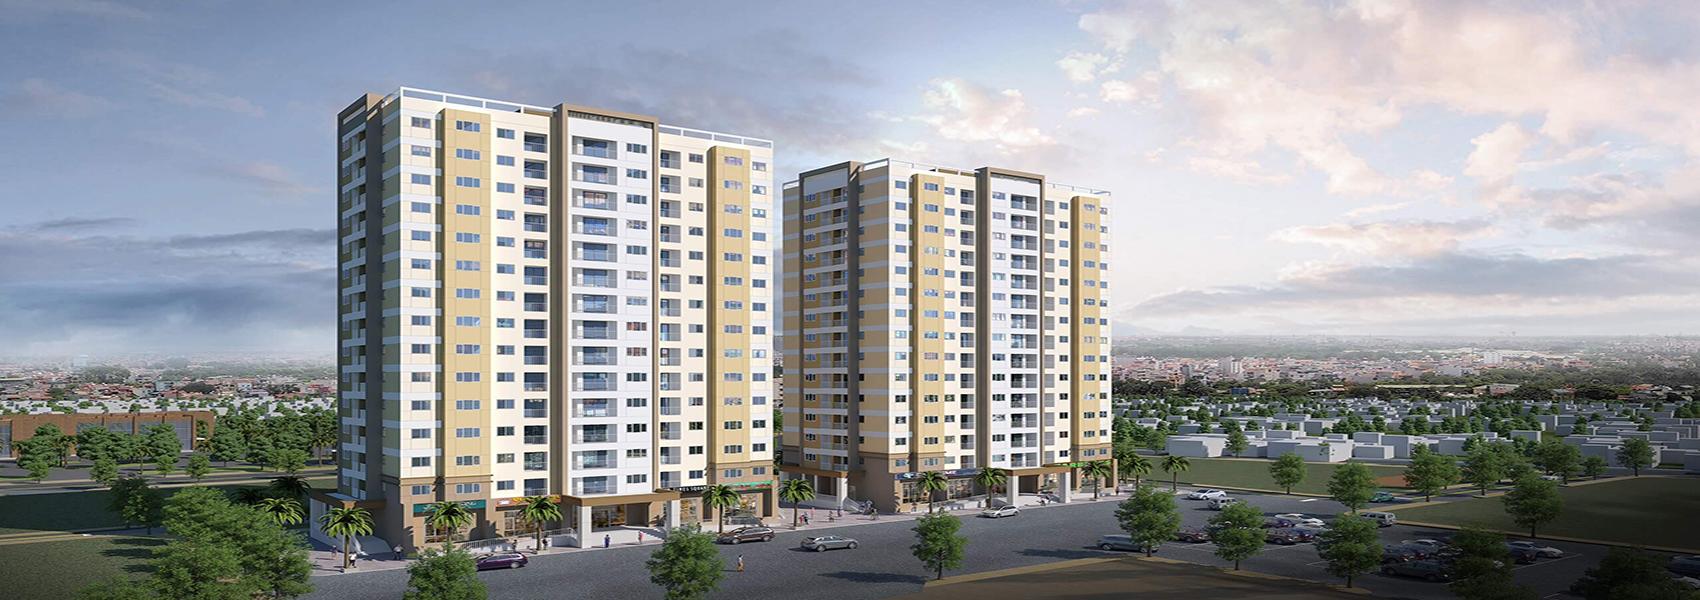 Mua bán cho thuê dự án căn hộ chung cư An Sương I Park Quận 12 chủ đầu tư HDTC;